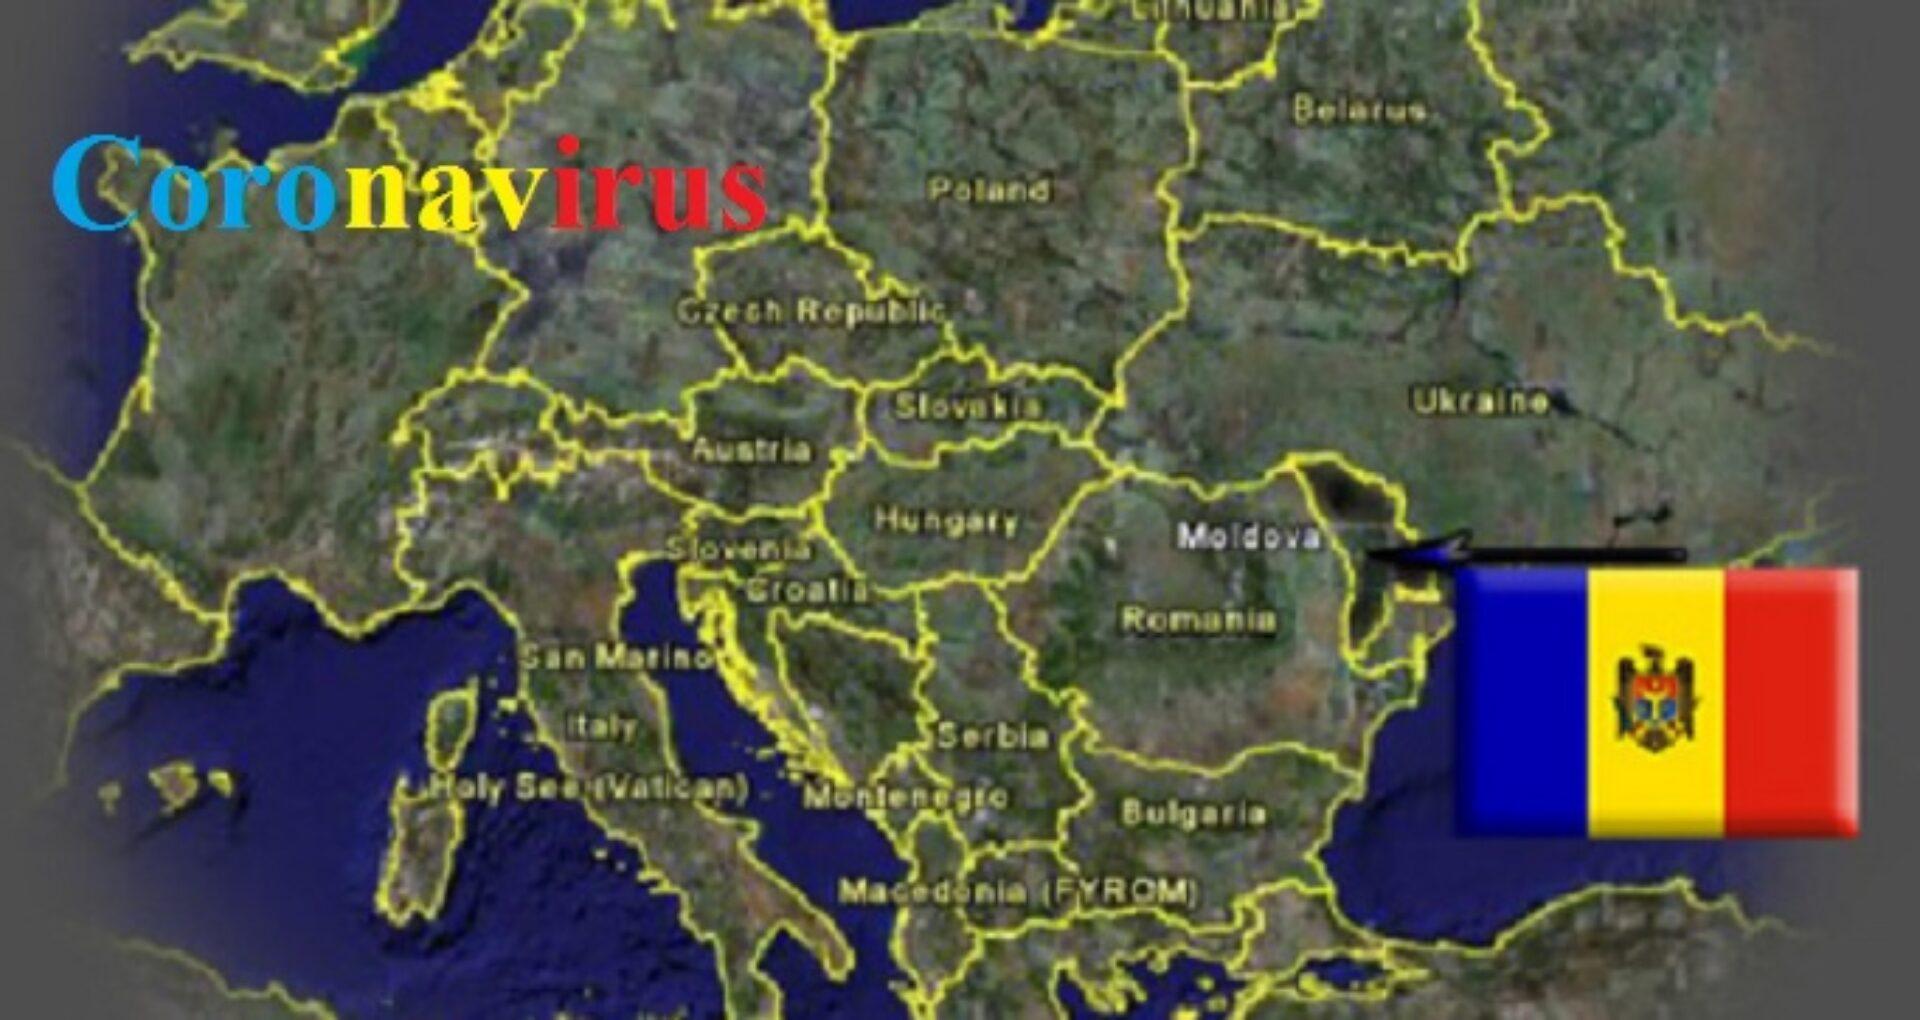 Stare de urgență în R. Moldova, pe înțelesul cetățenilor. Ce presupune aceasta și ce s-ar putea schimba